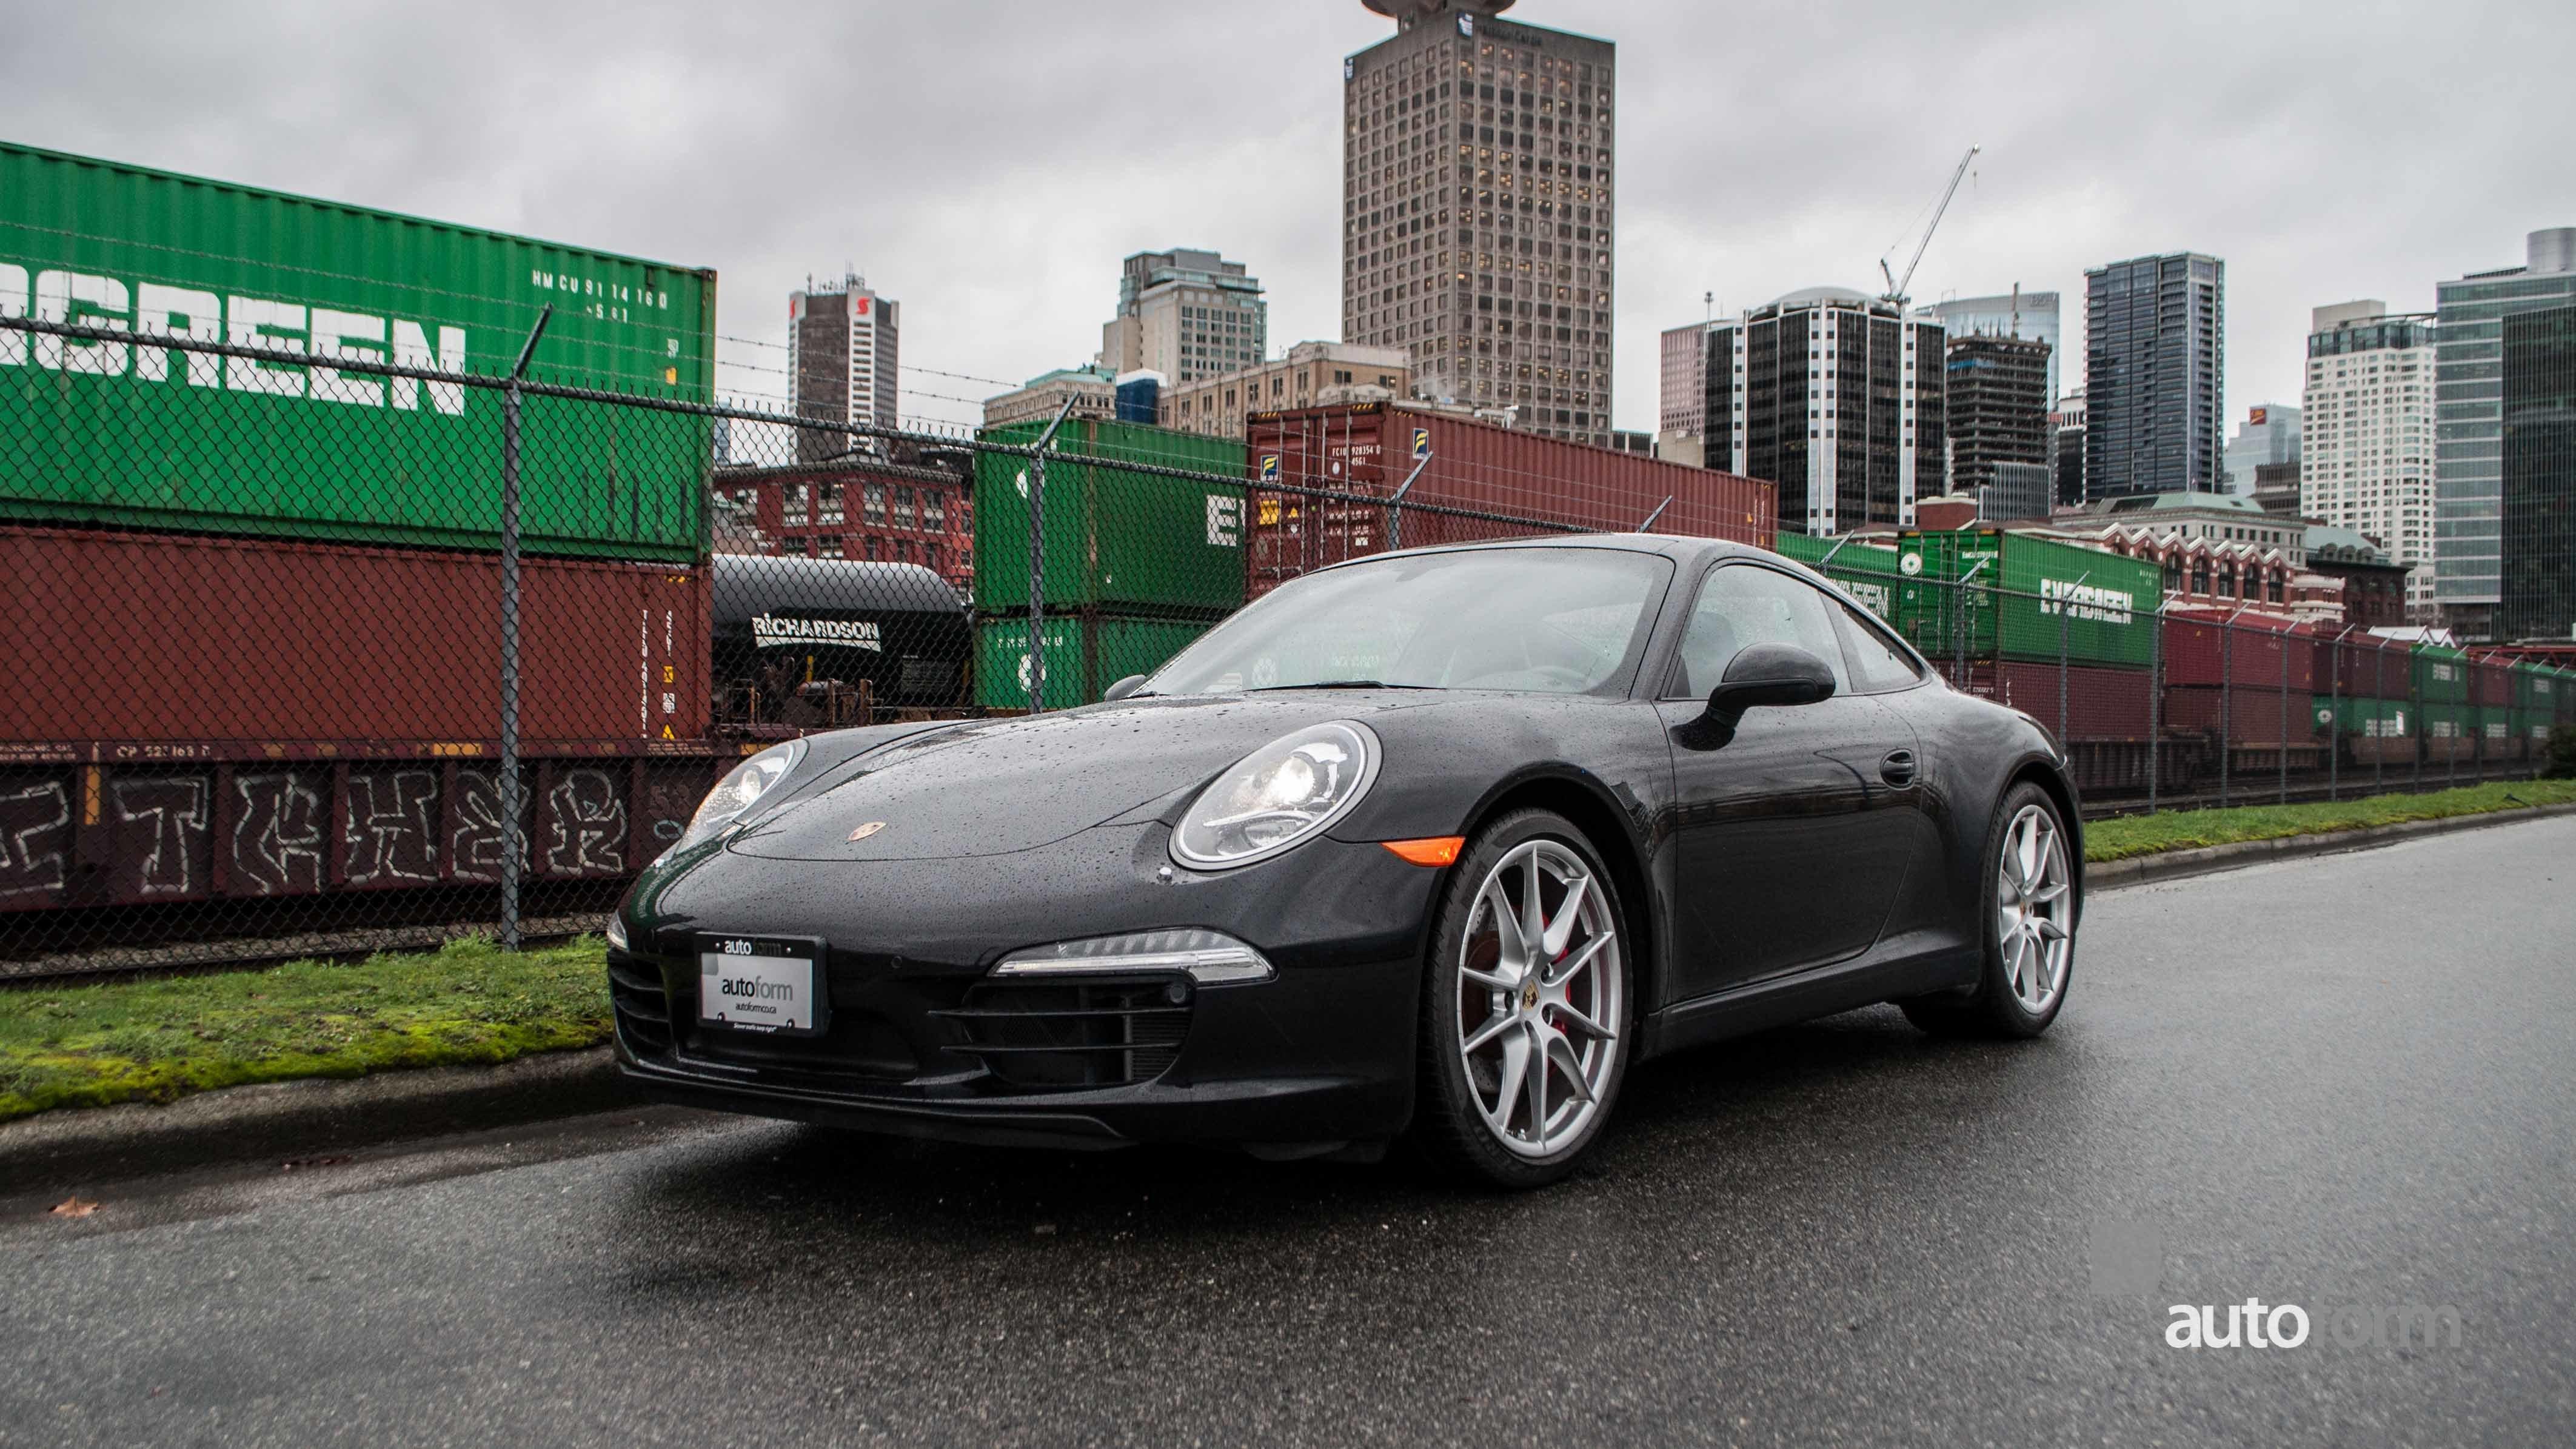 3933 ee53ff2459f12012 porsche 911 carrera s autoform vancouver5